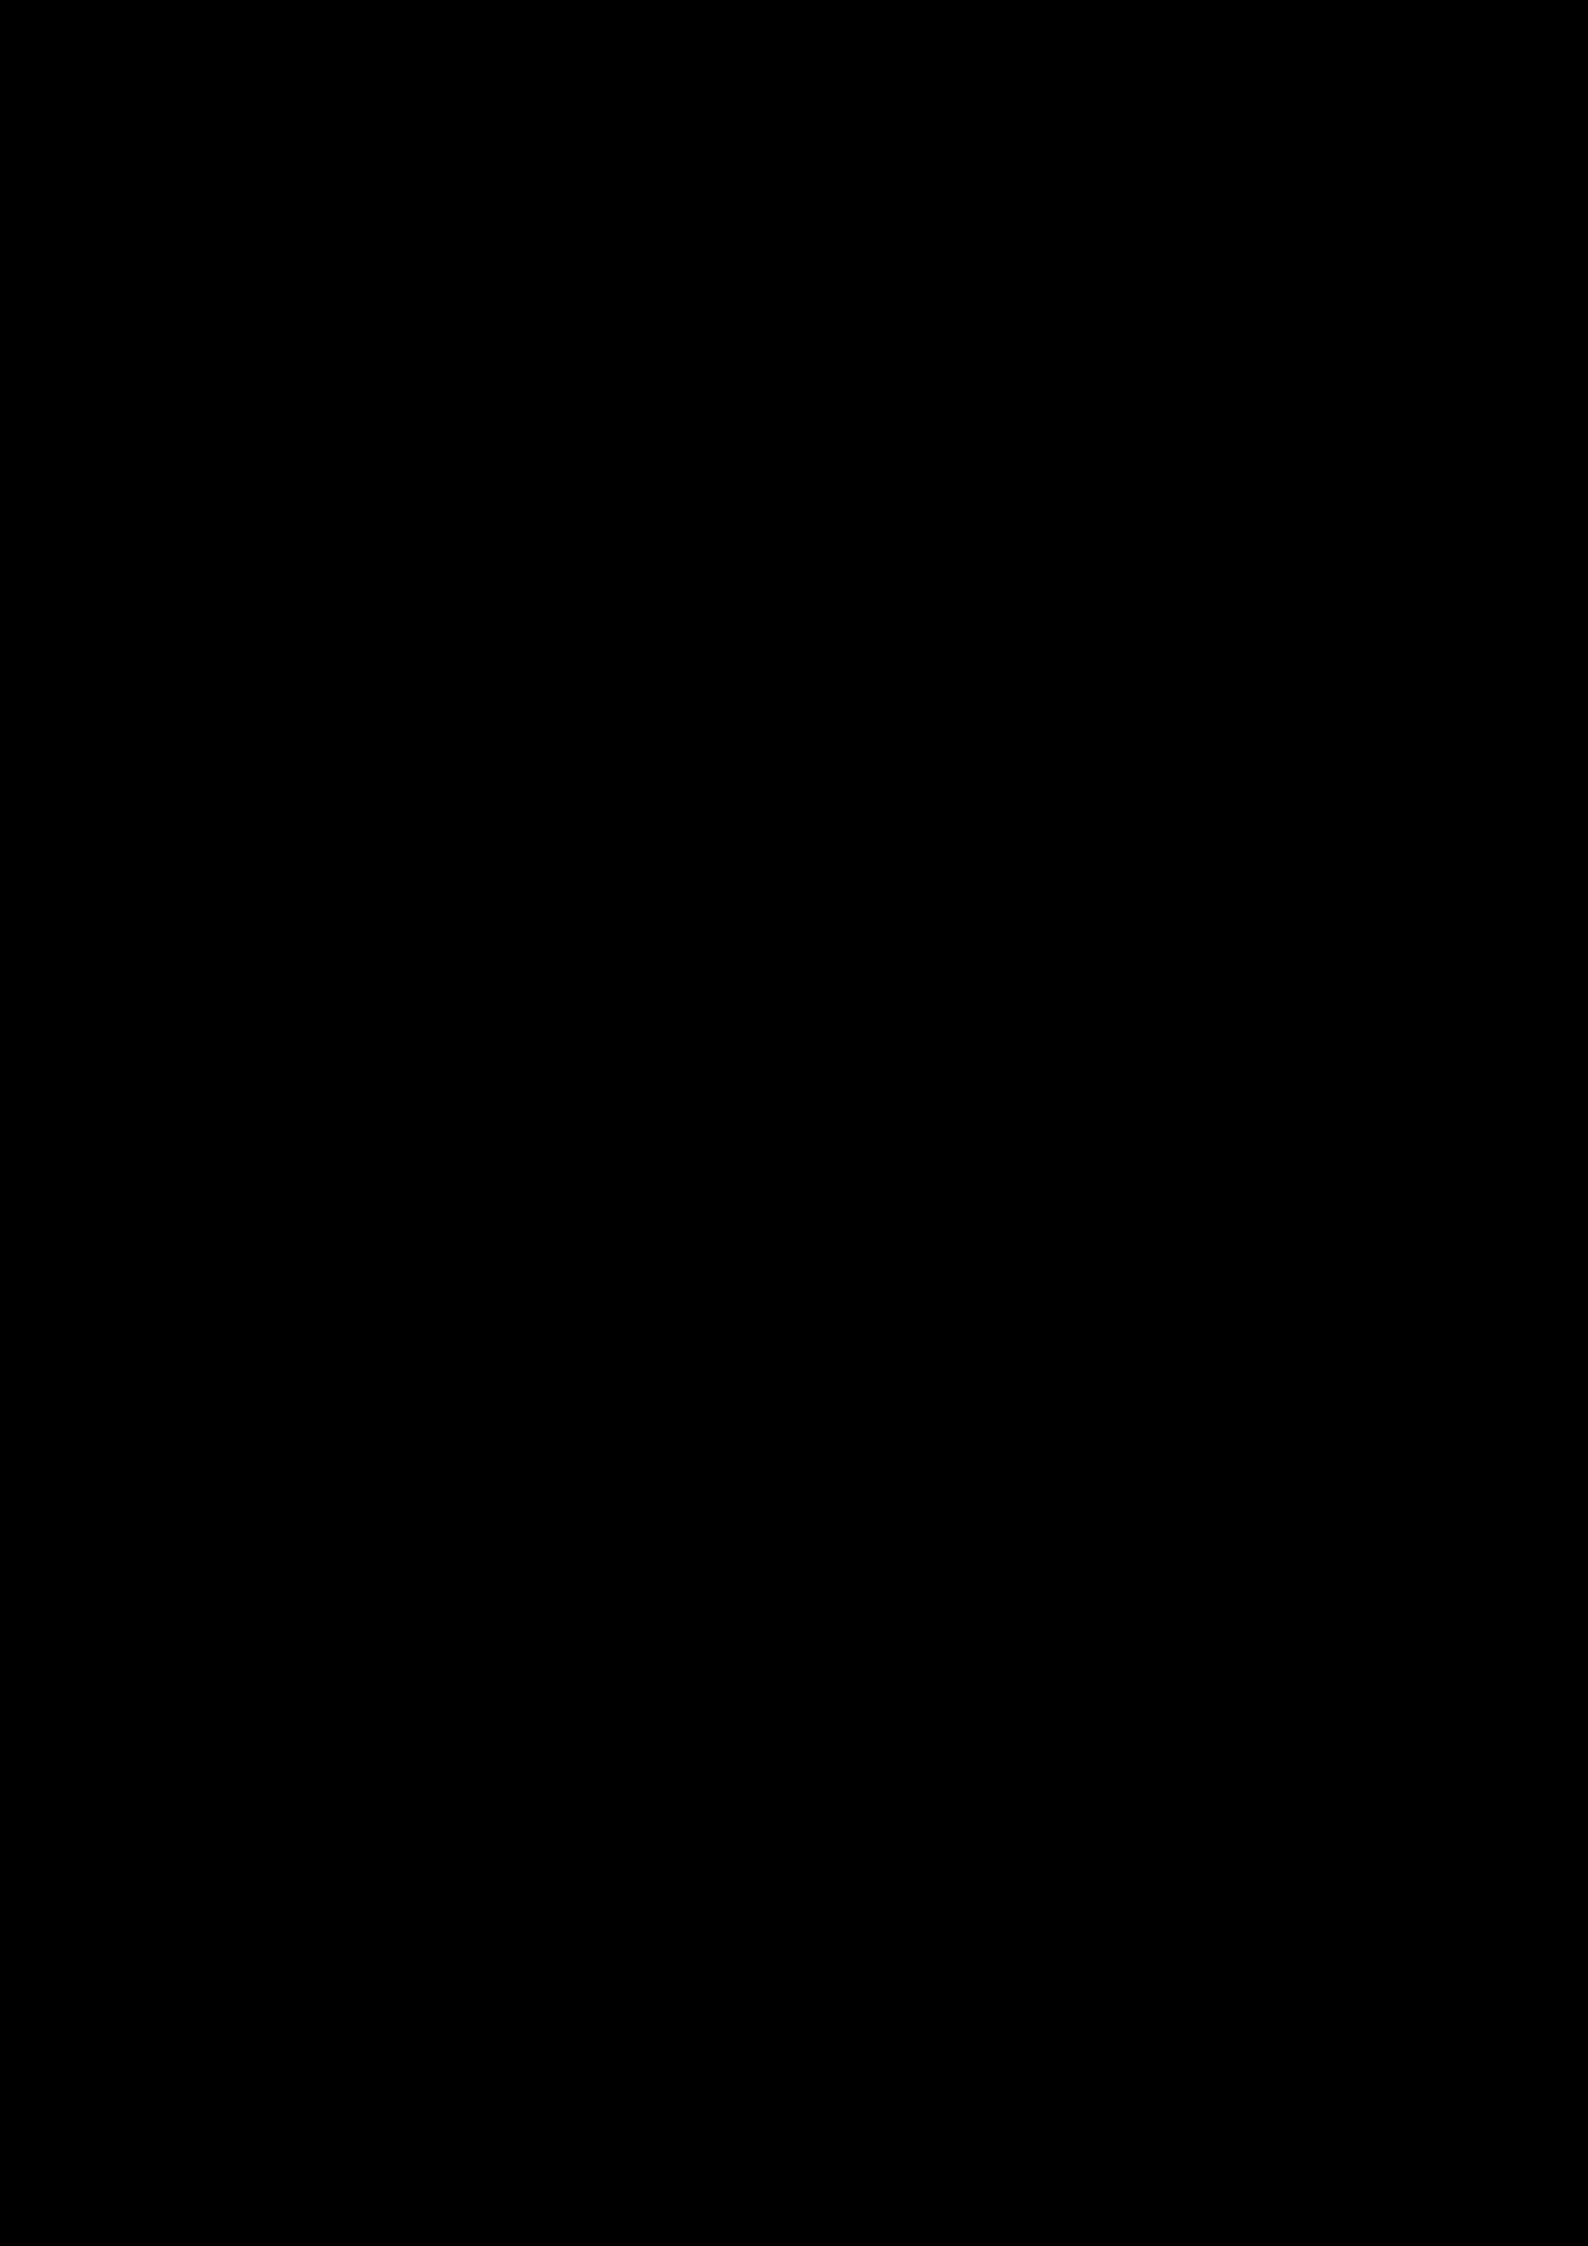 2019-02-21-communiqu-de-presse